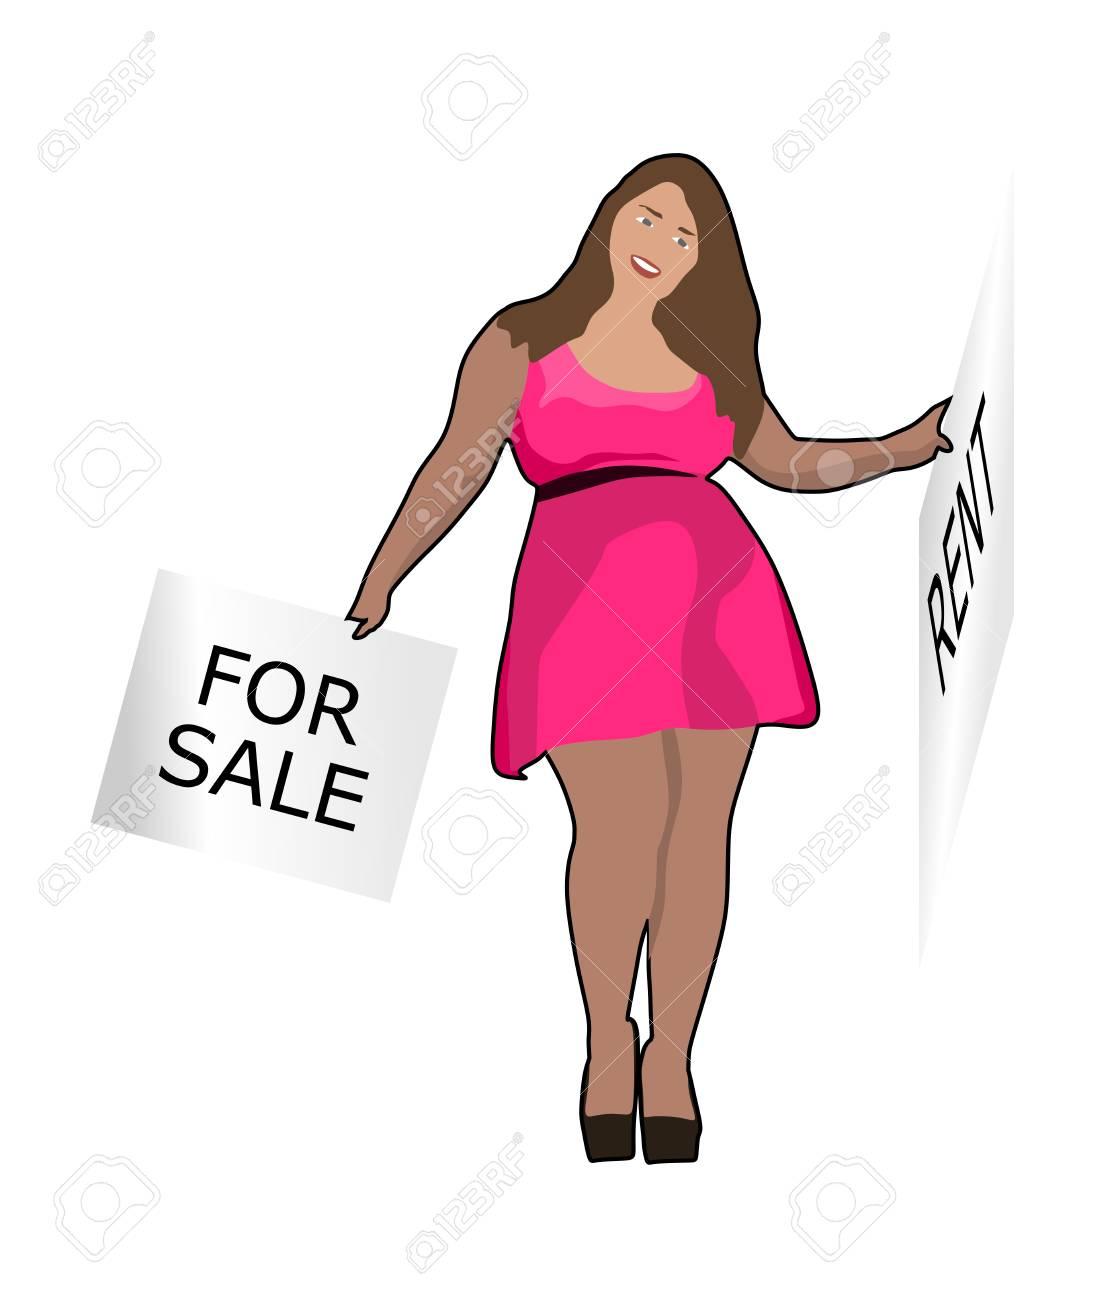 Grosse Dame Image grosse dame avec bannière clip art libres de droits , vecteurs et